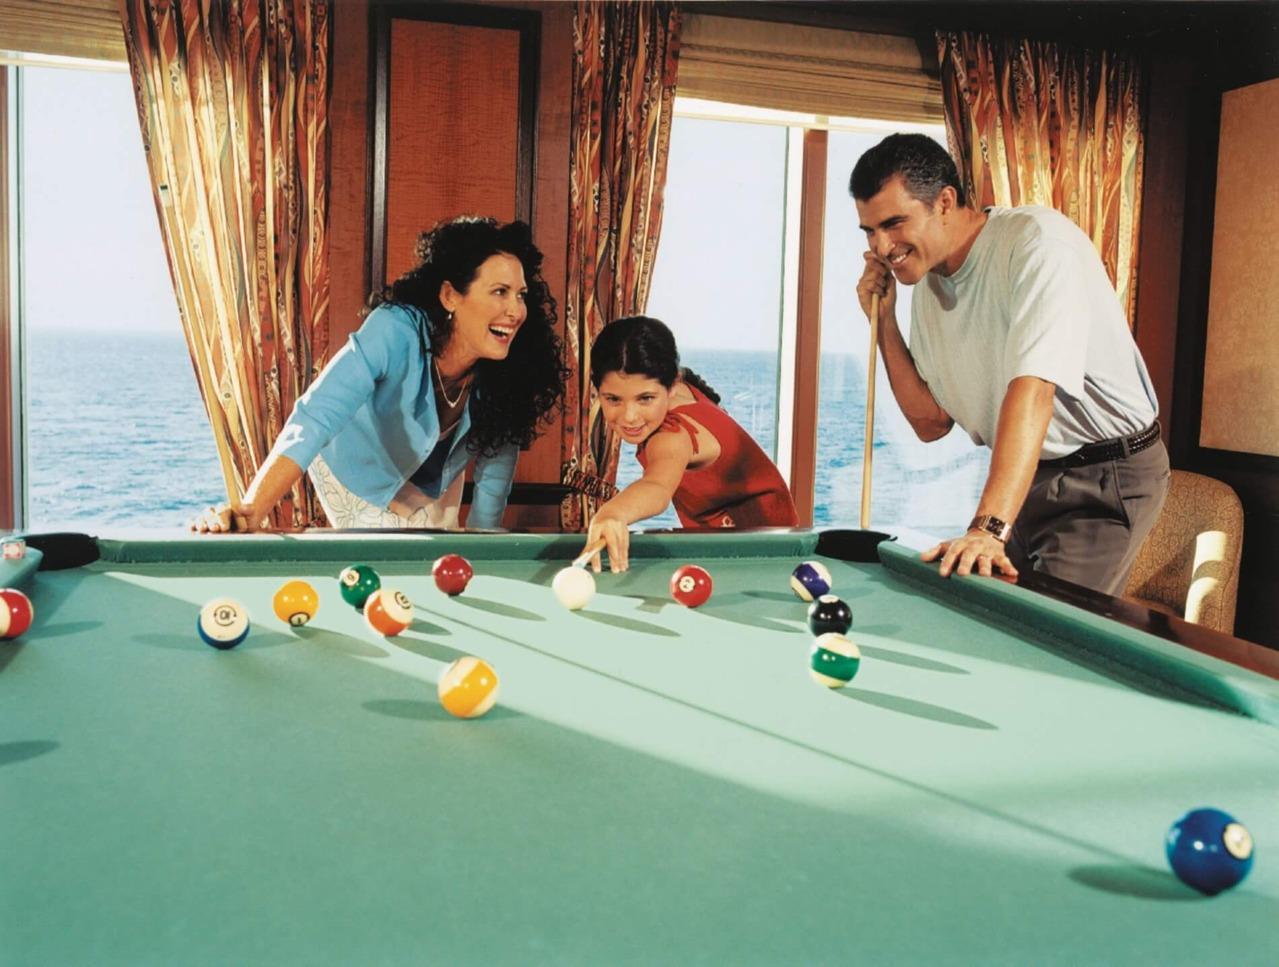 Круизный лайнер Jewel of the Seas - Бильярд (Billiards Club)